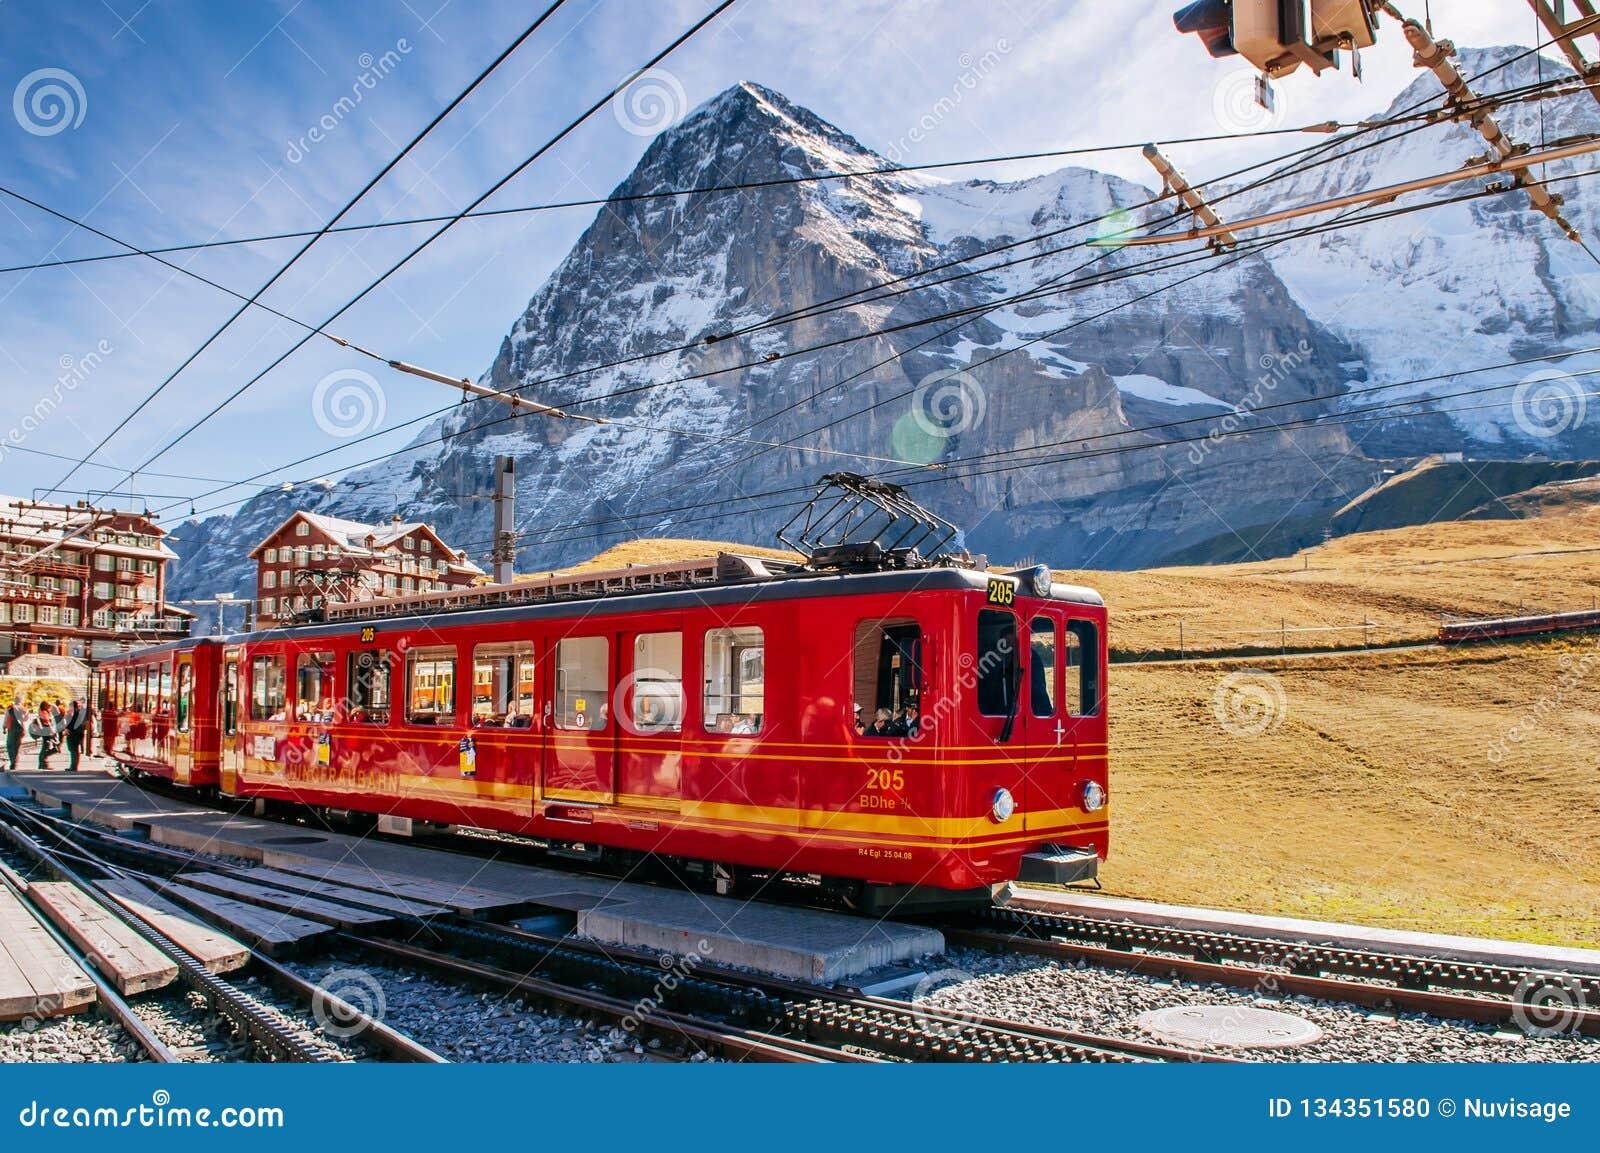 Bahnzug Jungfrau an Station Kleine Scheidegg mit Spitze Eiger und Monch